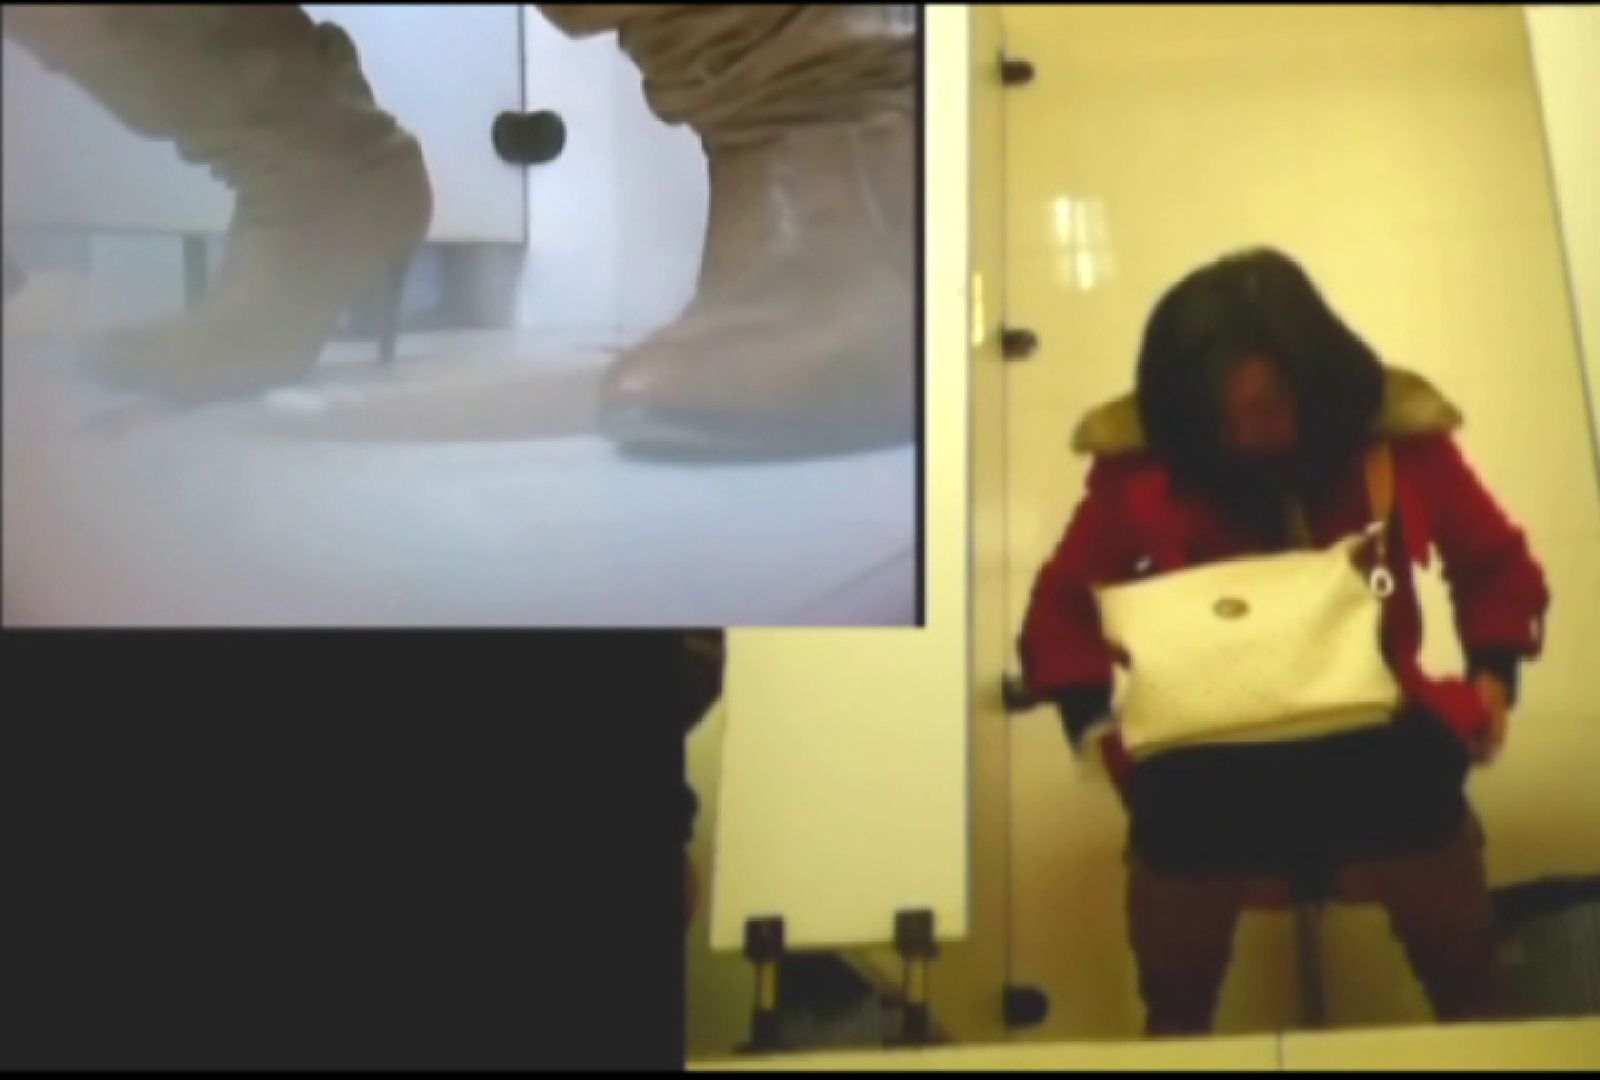 洗面所で暗躍する撮師たちの潜入記Vol.4 潜入 戯れ無修正画像 29PICs 8